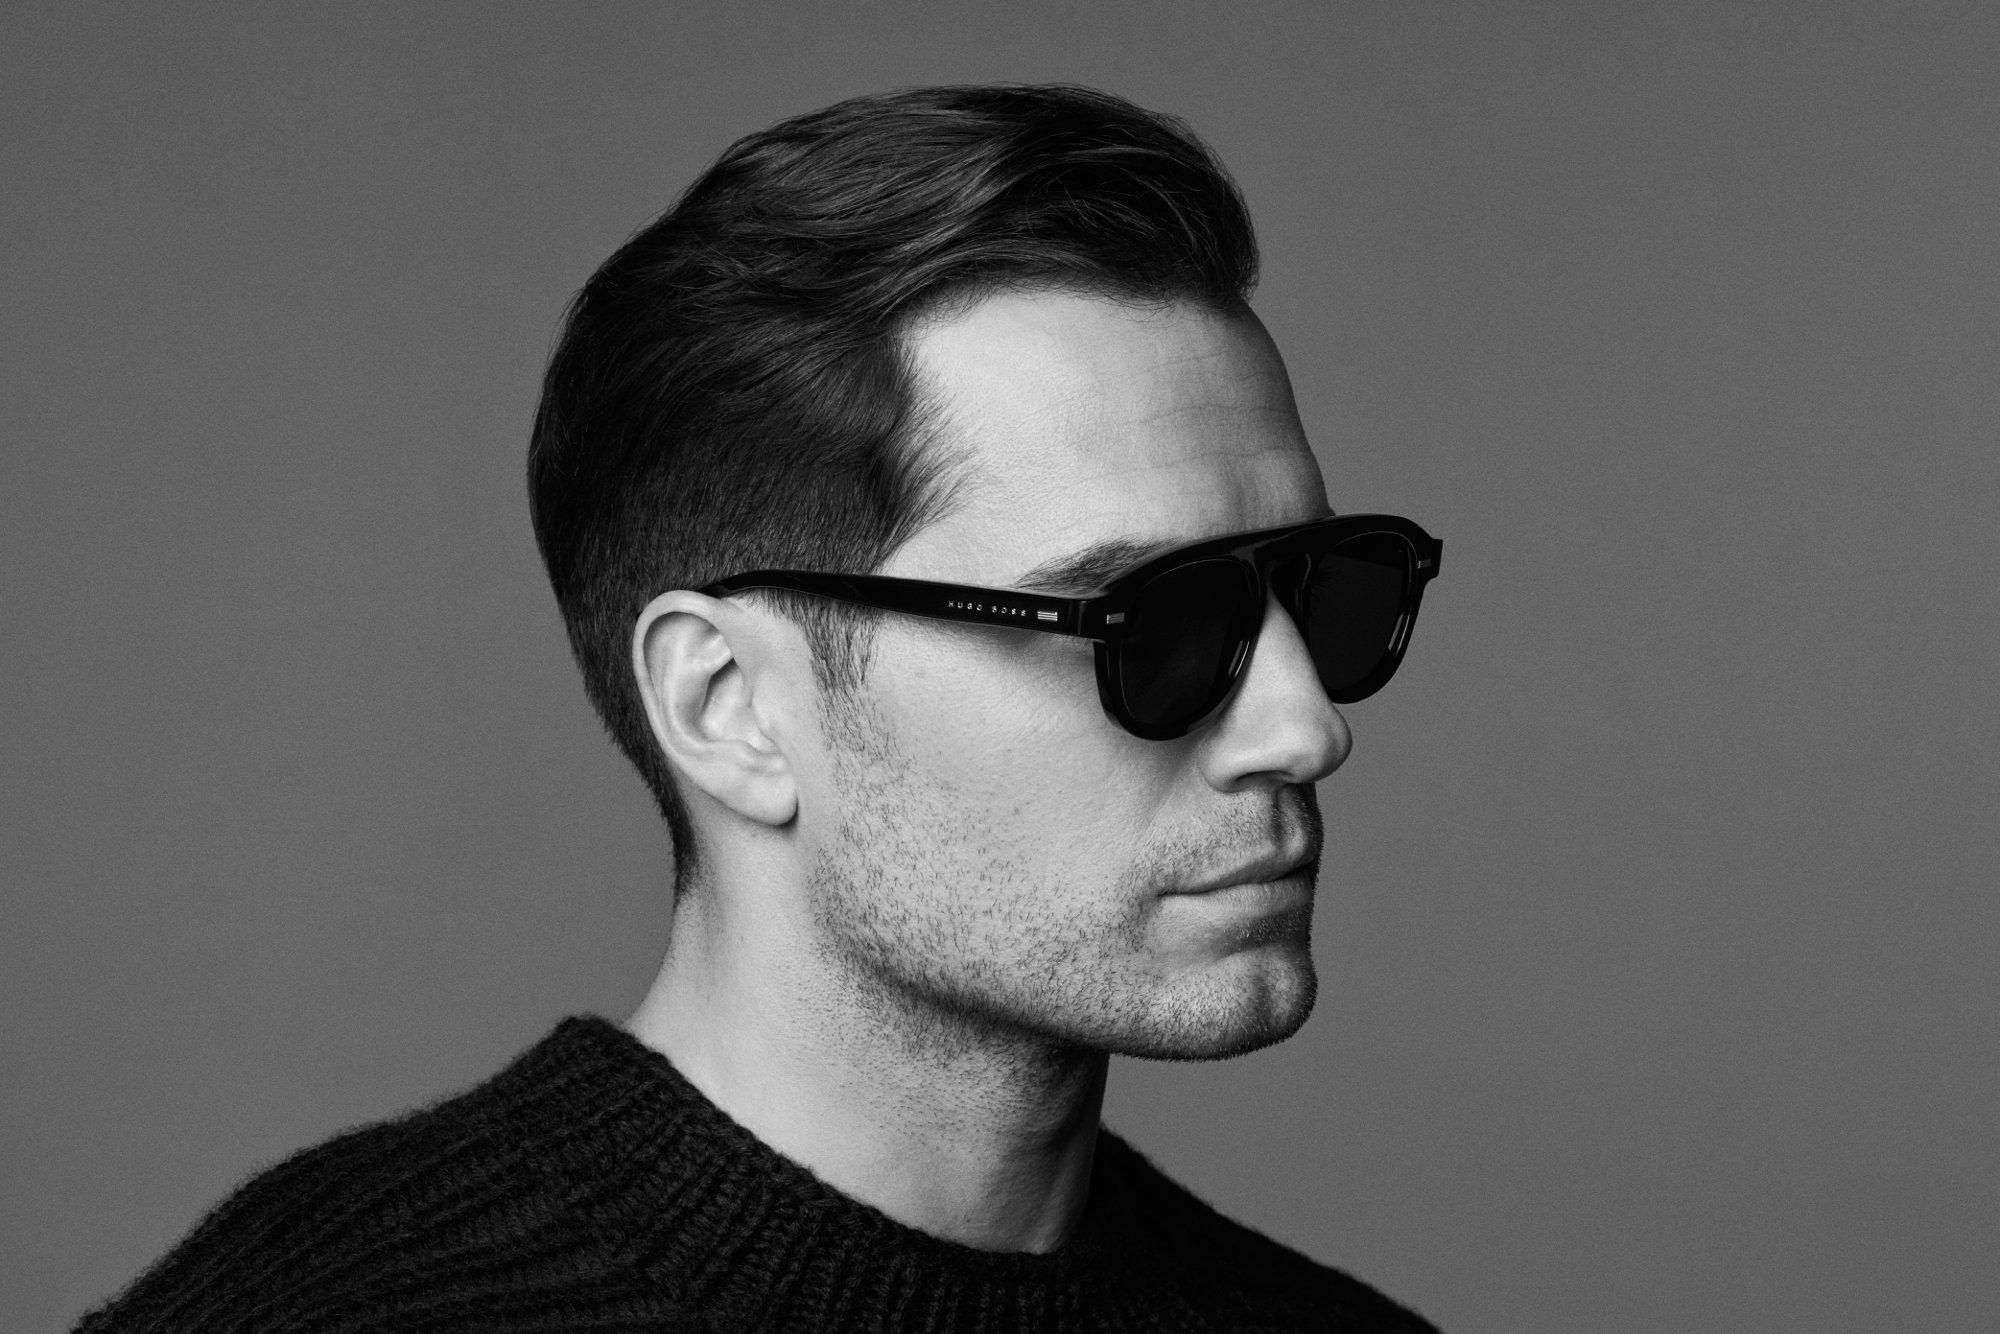 本季,BOSS融合创新技术与独特的风格推出了全新眼镜系列,采用轻质的橡胶框架,并佐以精致的细节处理。无论是经典或是现代款式,都能为您呈现出无法抗拒的男性魅力,以及难以匹敌的舒适感官